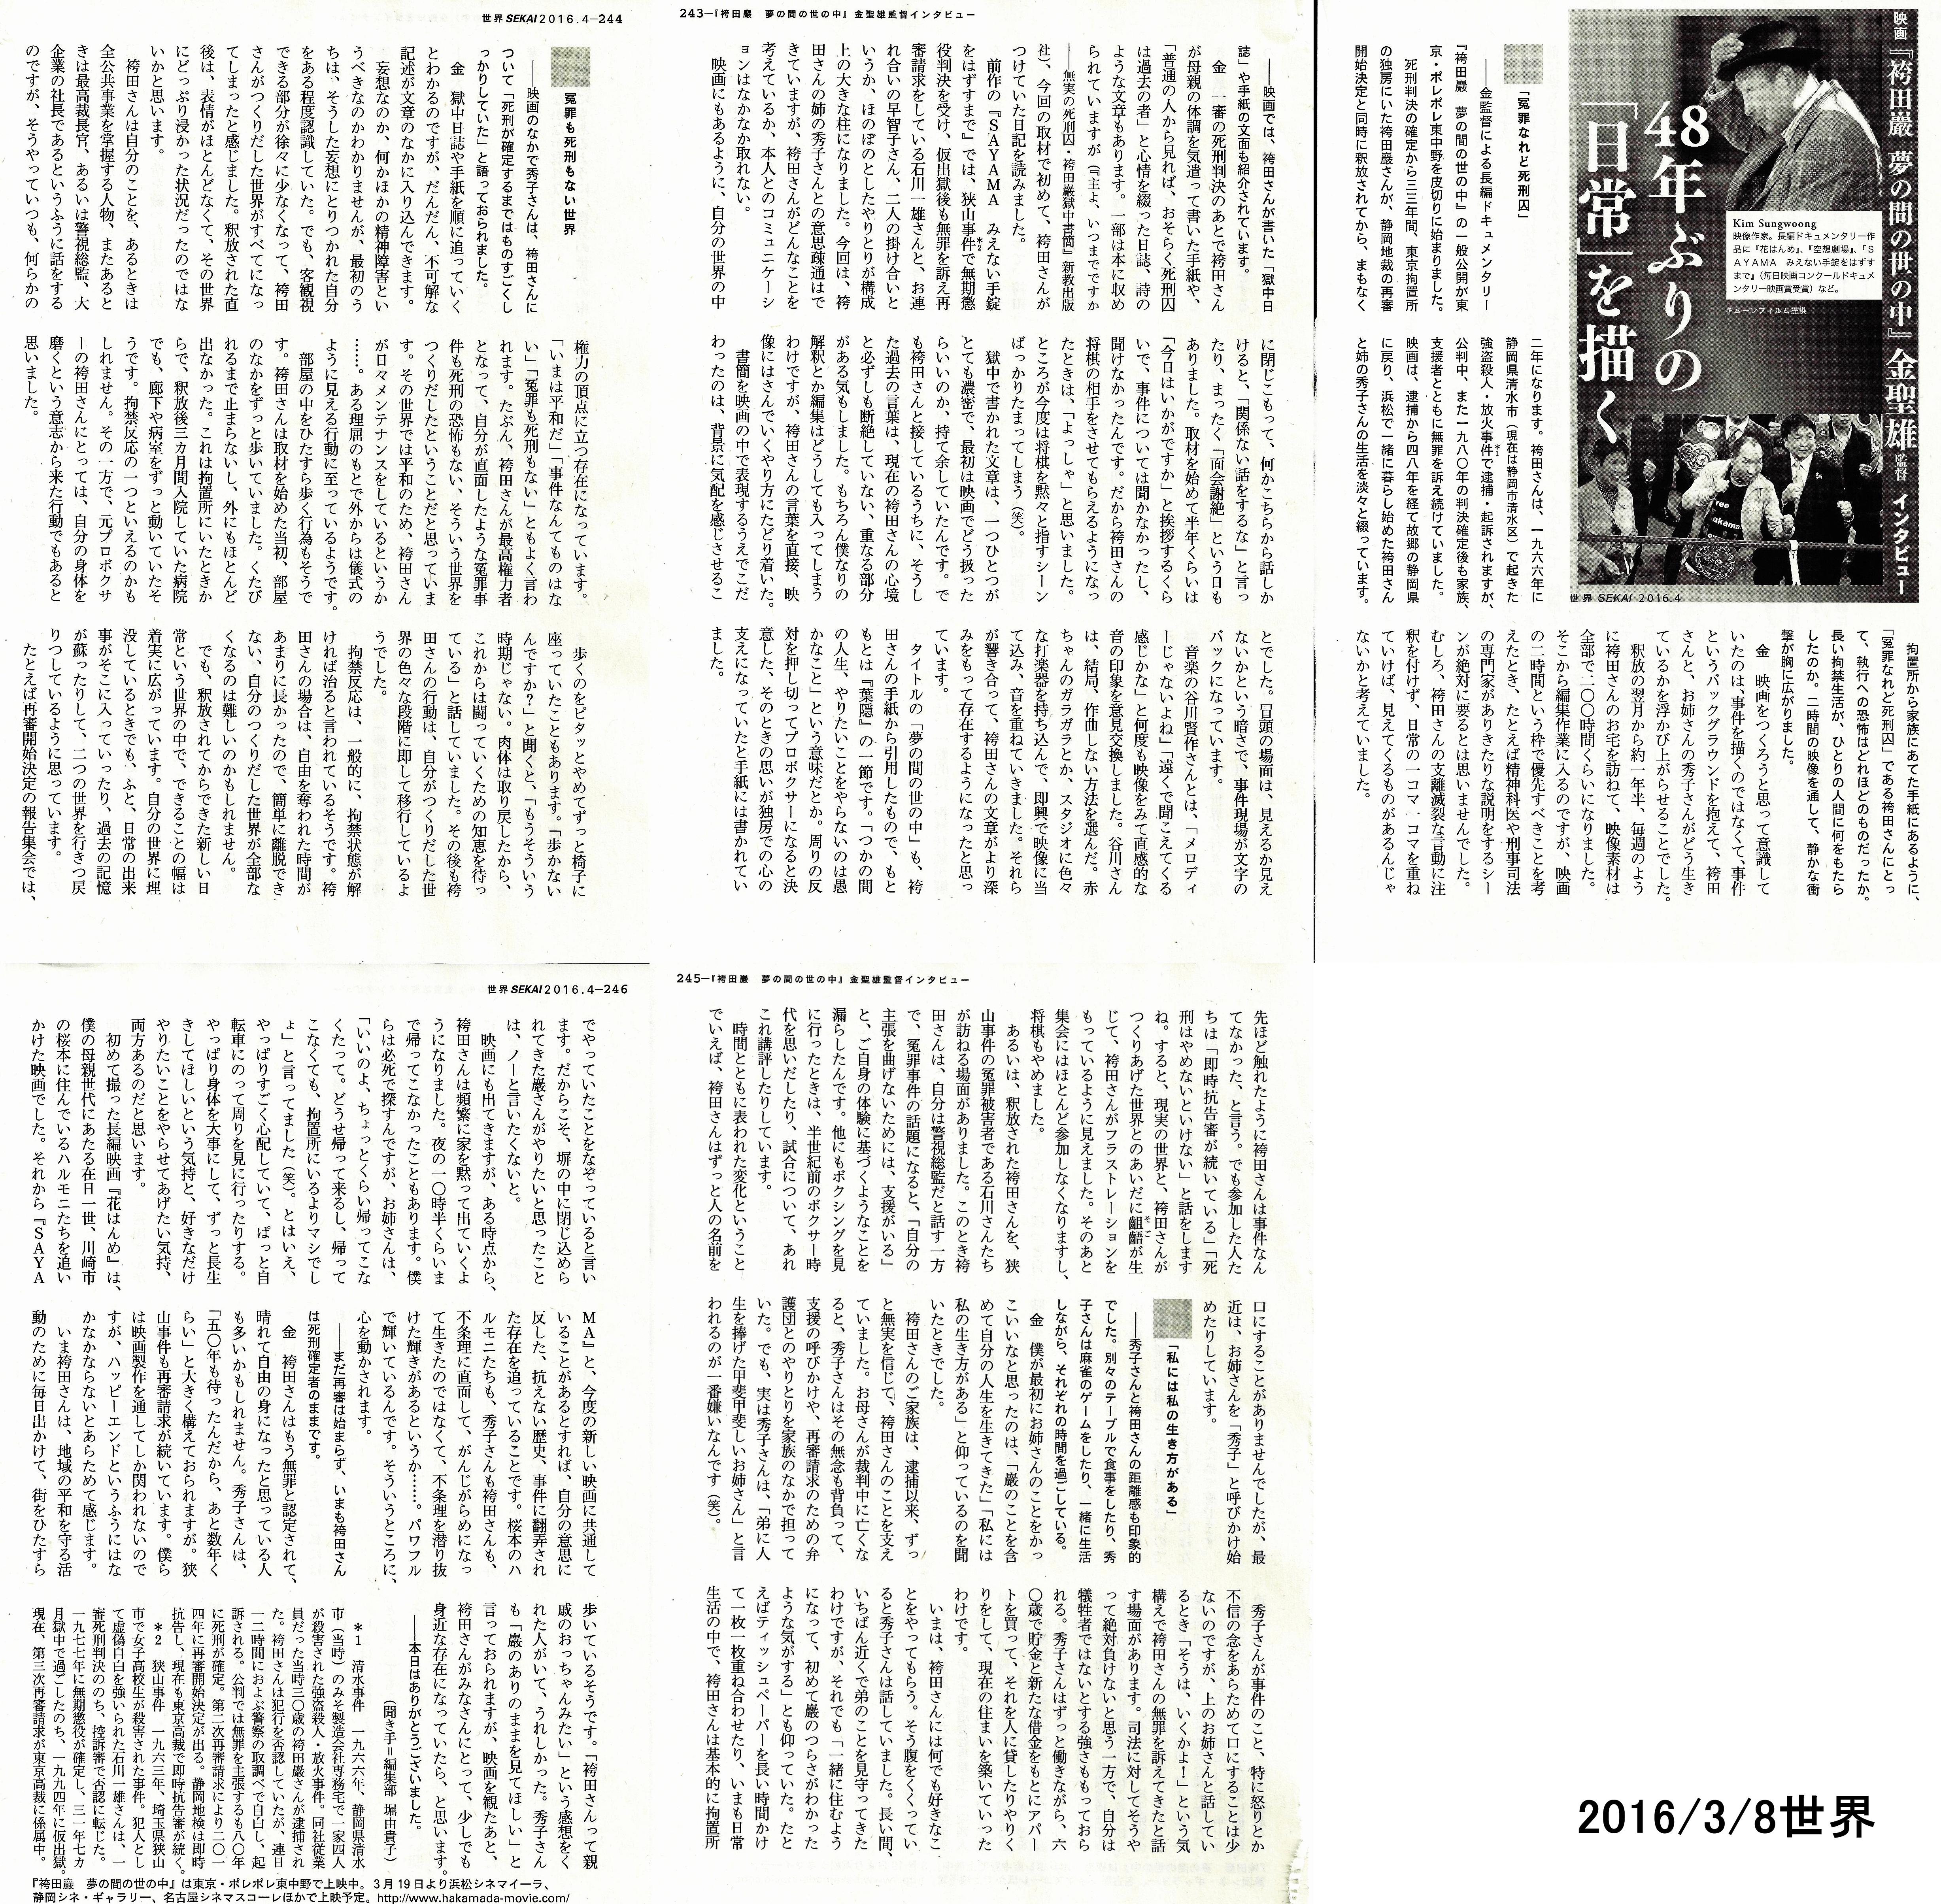 2016.3.8岩波書店月刊誌「世界」